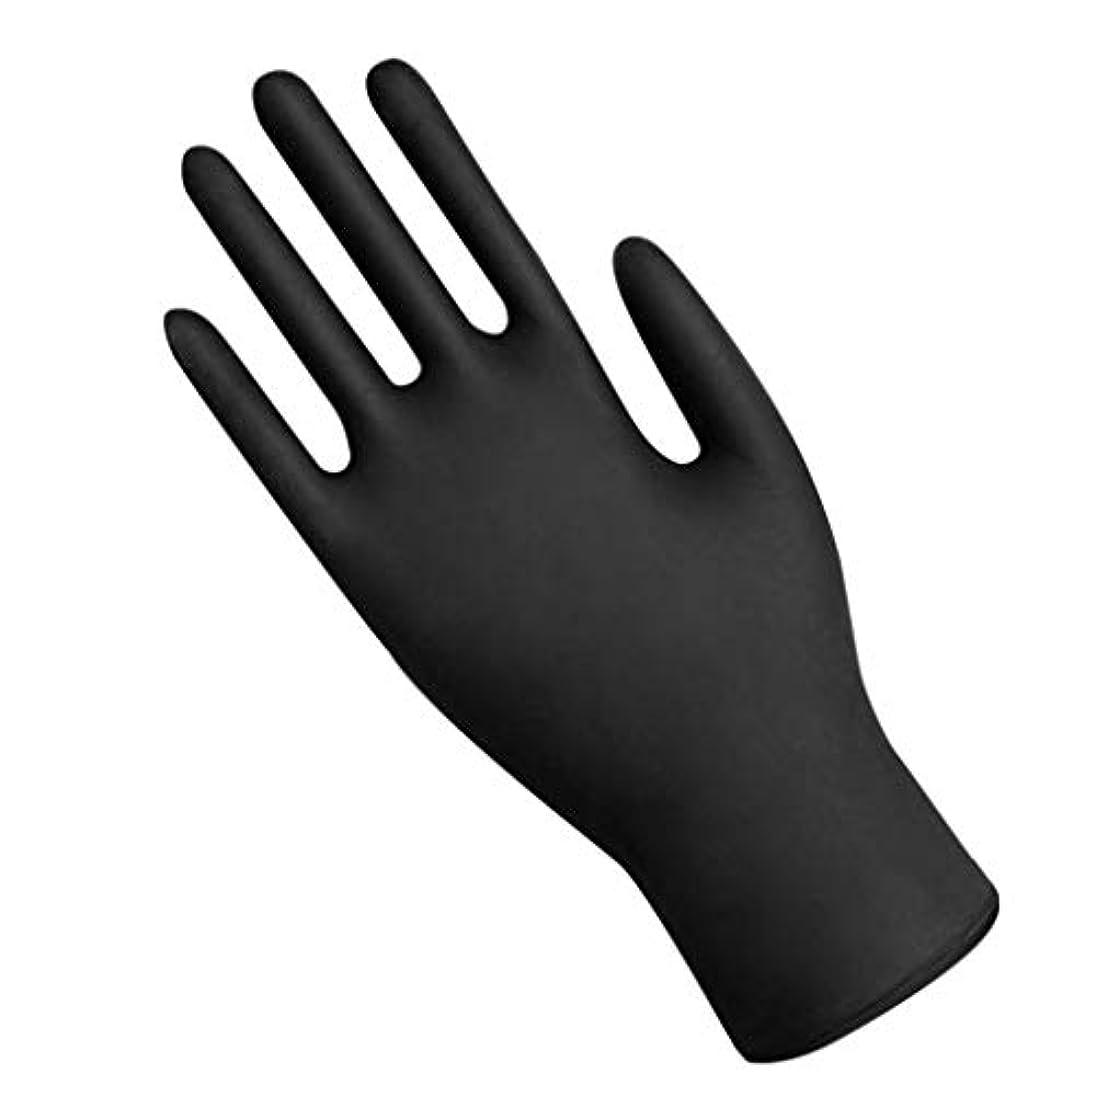 遠い赤ちゃん必須Lazayyi 50枚入 シルク手袋 手袋 使い捨て手袋 手荒い 滑りにくい 超弾性 (L, ブラック)